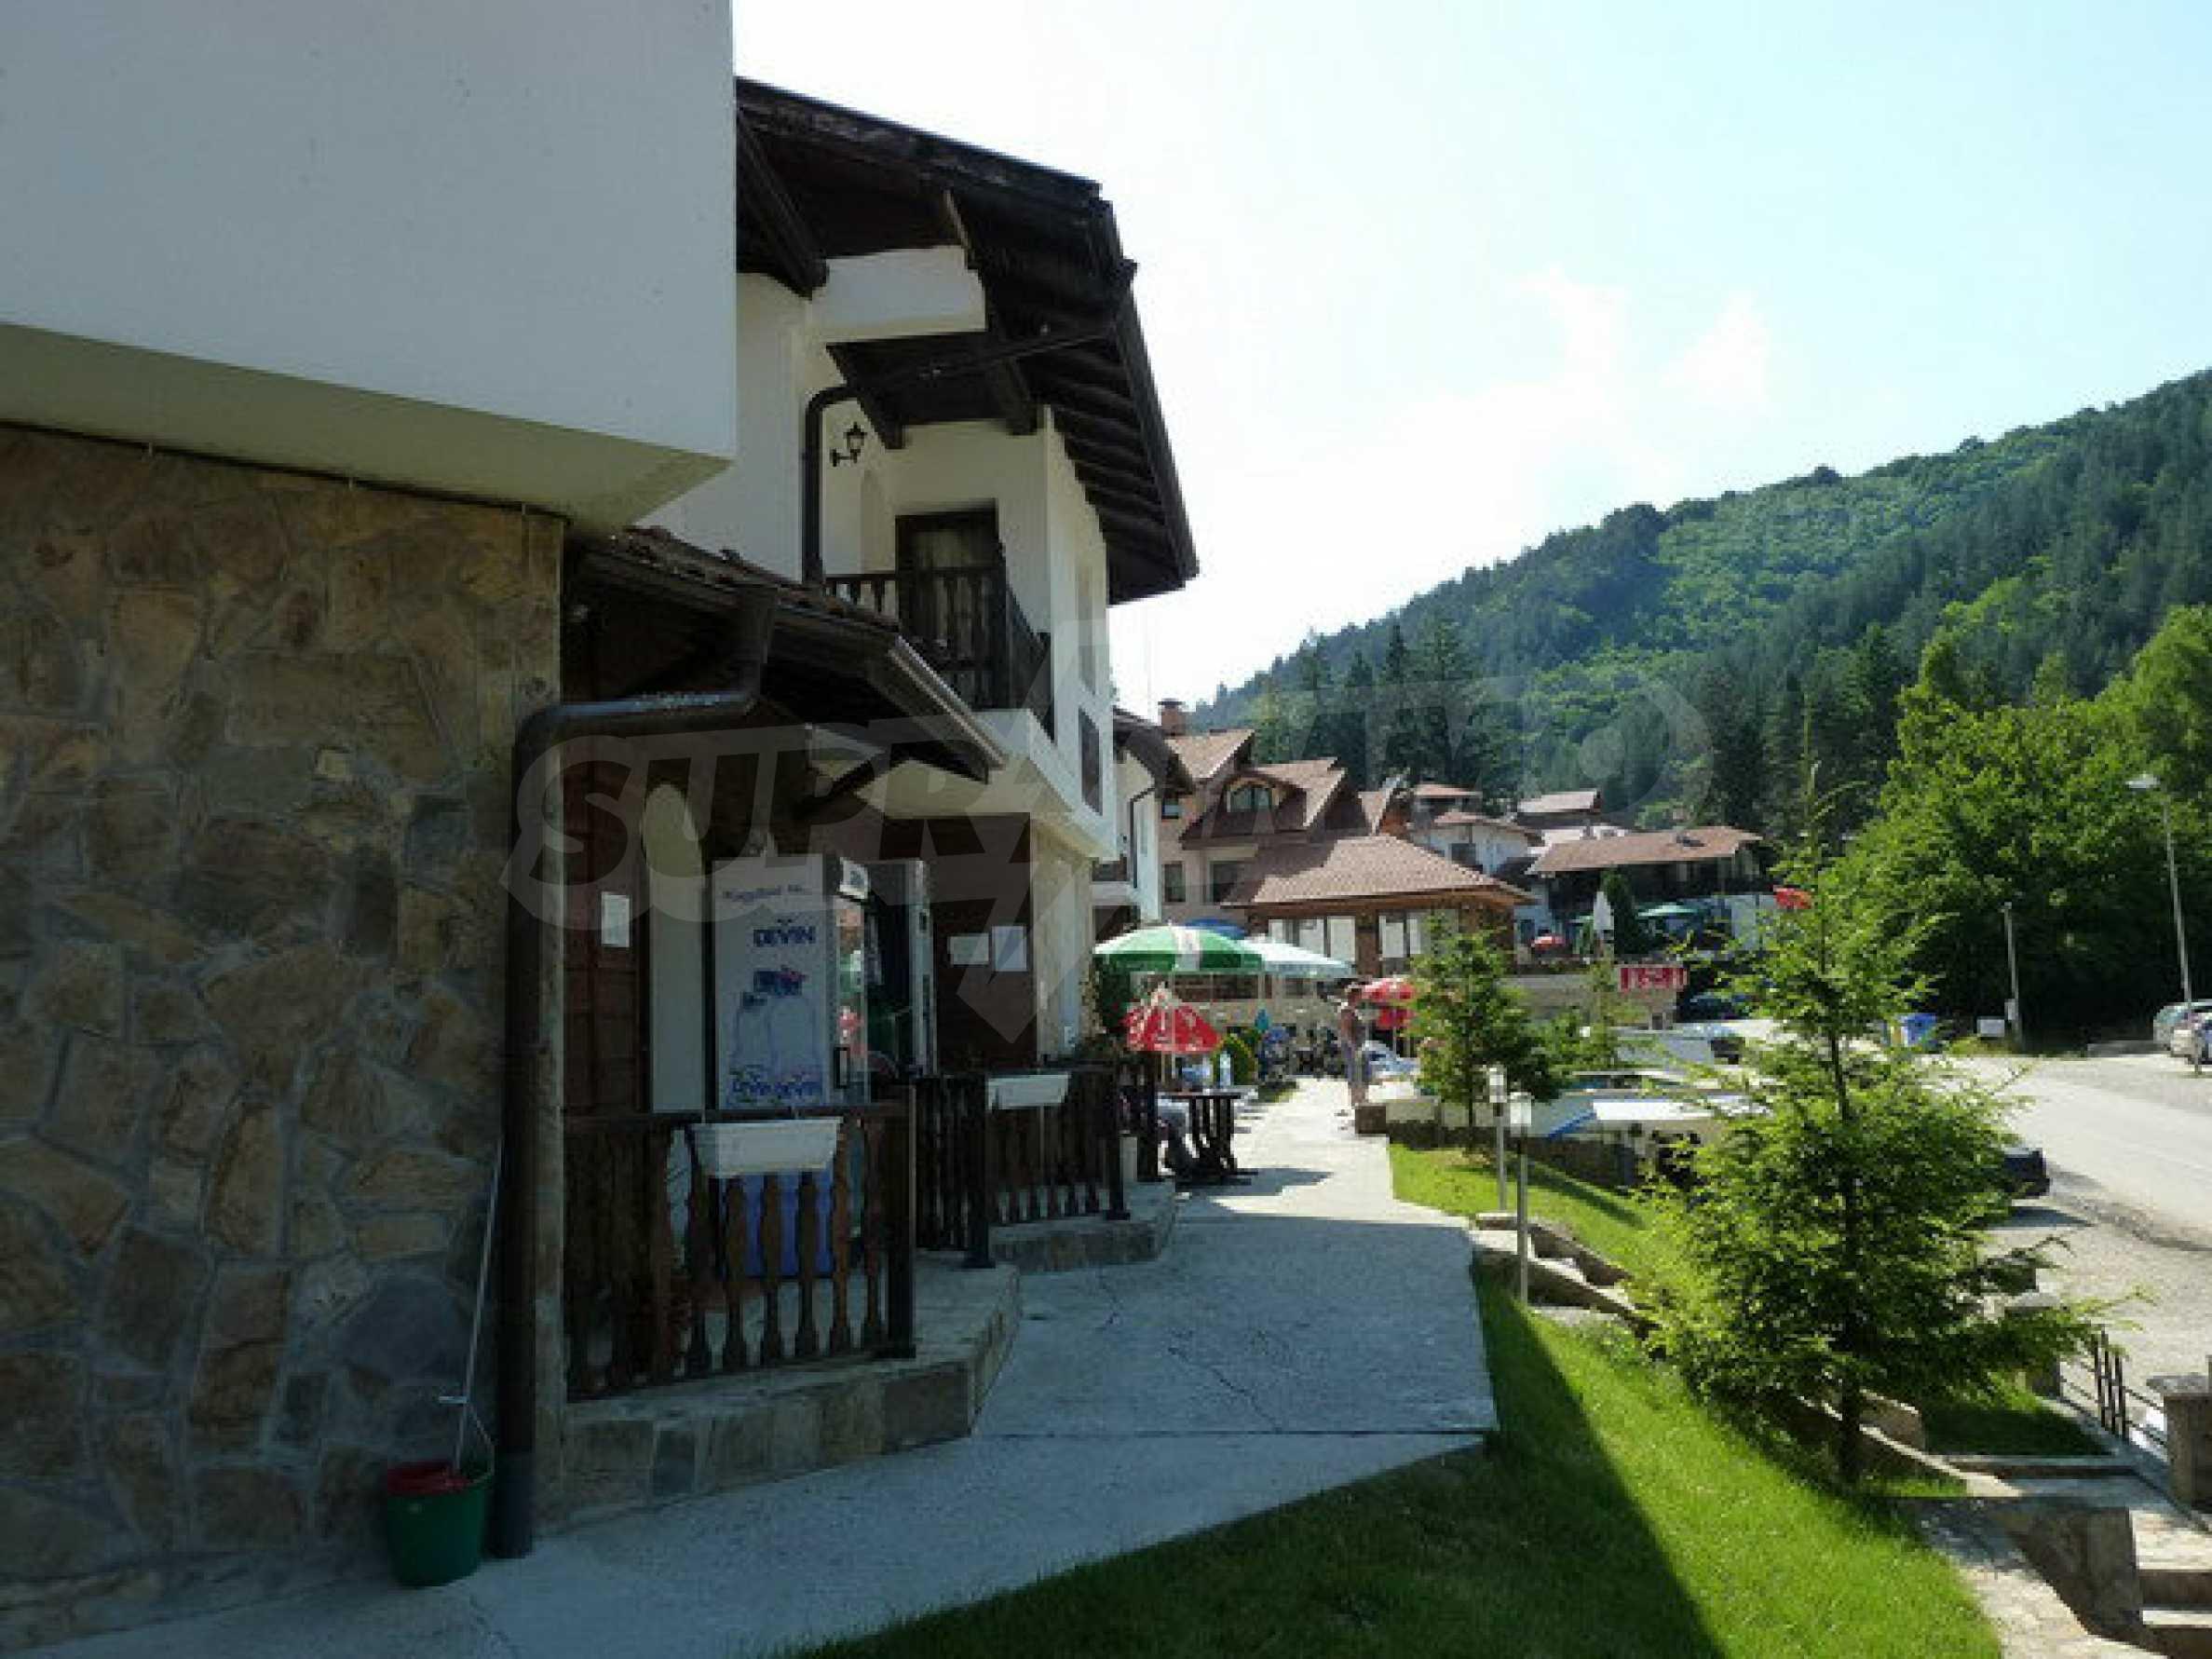 Zwei Gästehäuser in einer attraktiven Gegend mit heißen Mineralquellen in der Nähe der Stadt Troyan 19